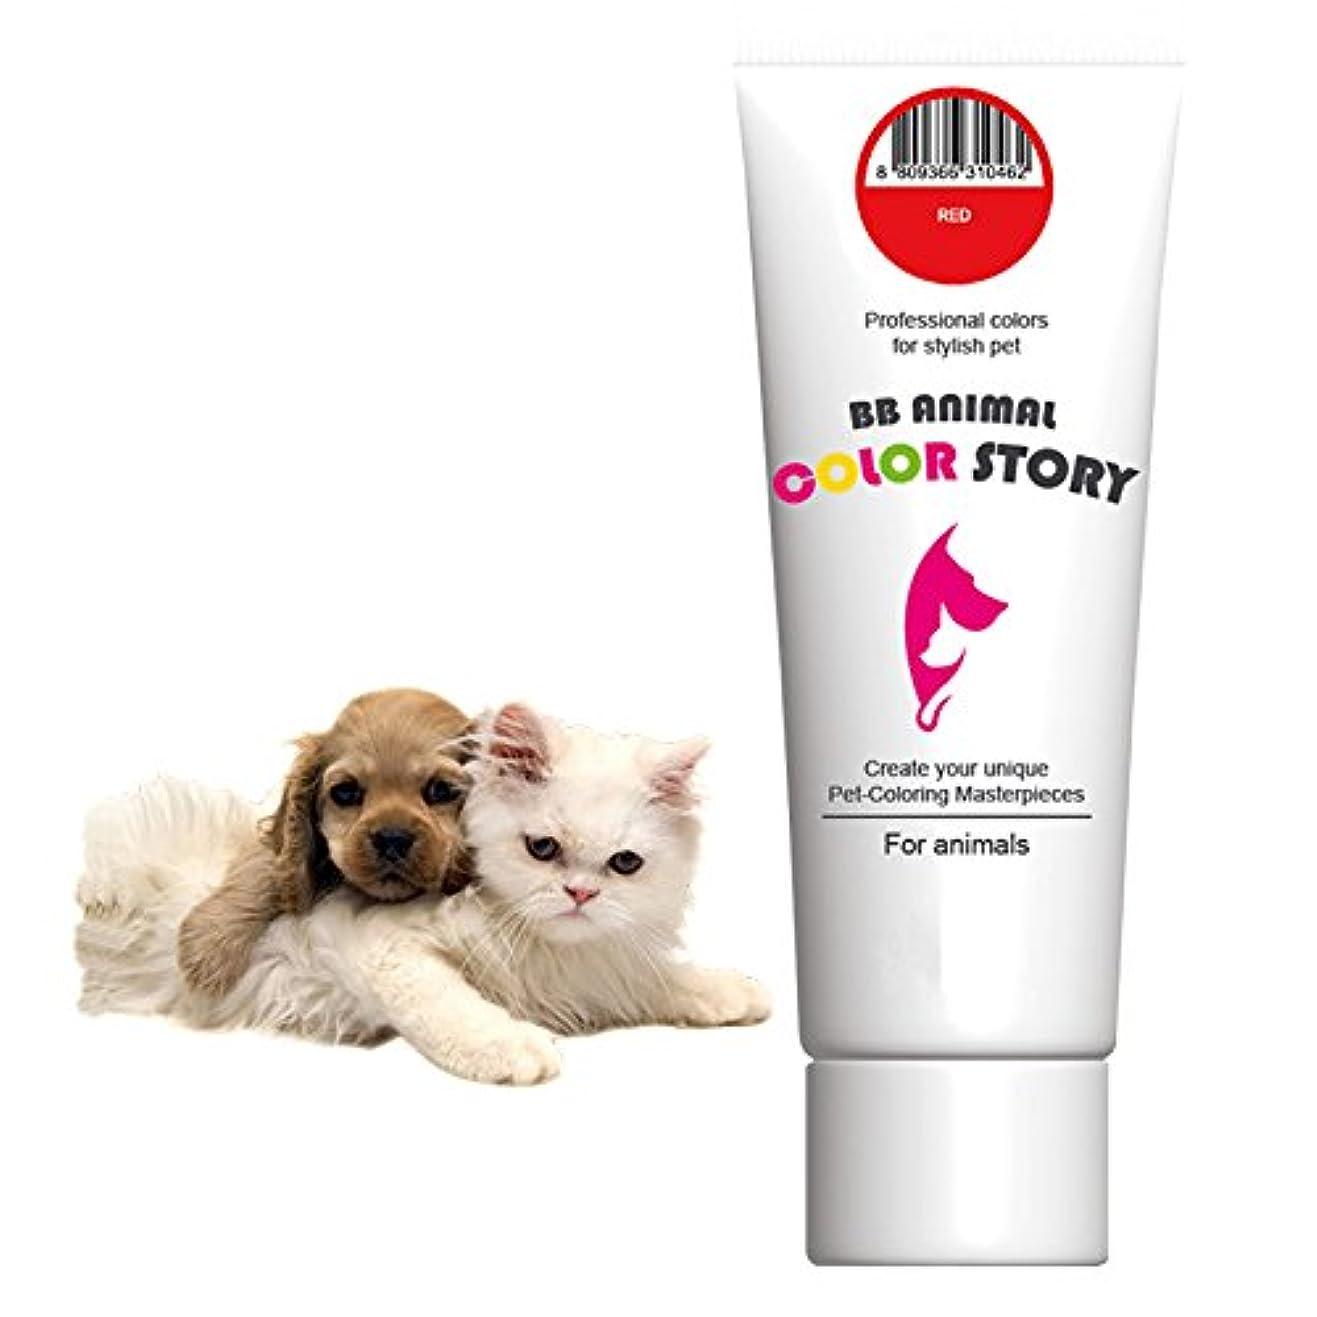 連鎖汚す無限大毛染め, 犬ヘアダイ, Red, カラーリング Dog Hair Dye Hair Bleach Hair Coloring Professional Colors for Stylish Pet 50ml 並行輸入